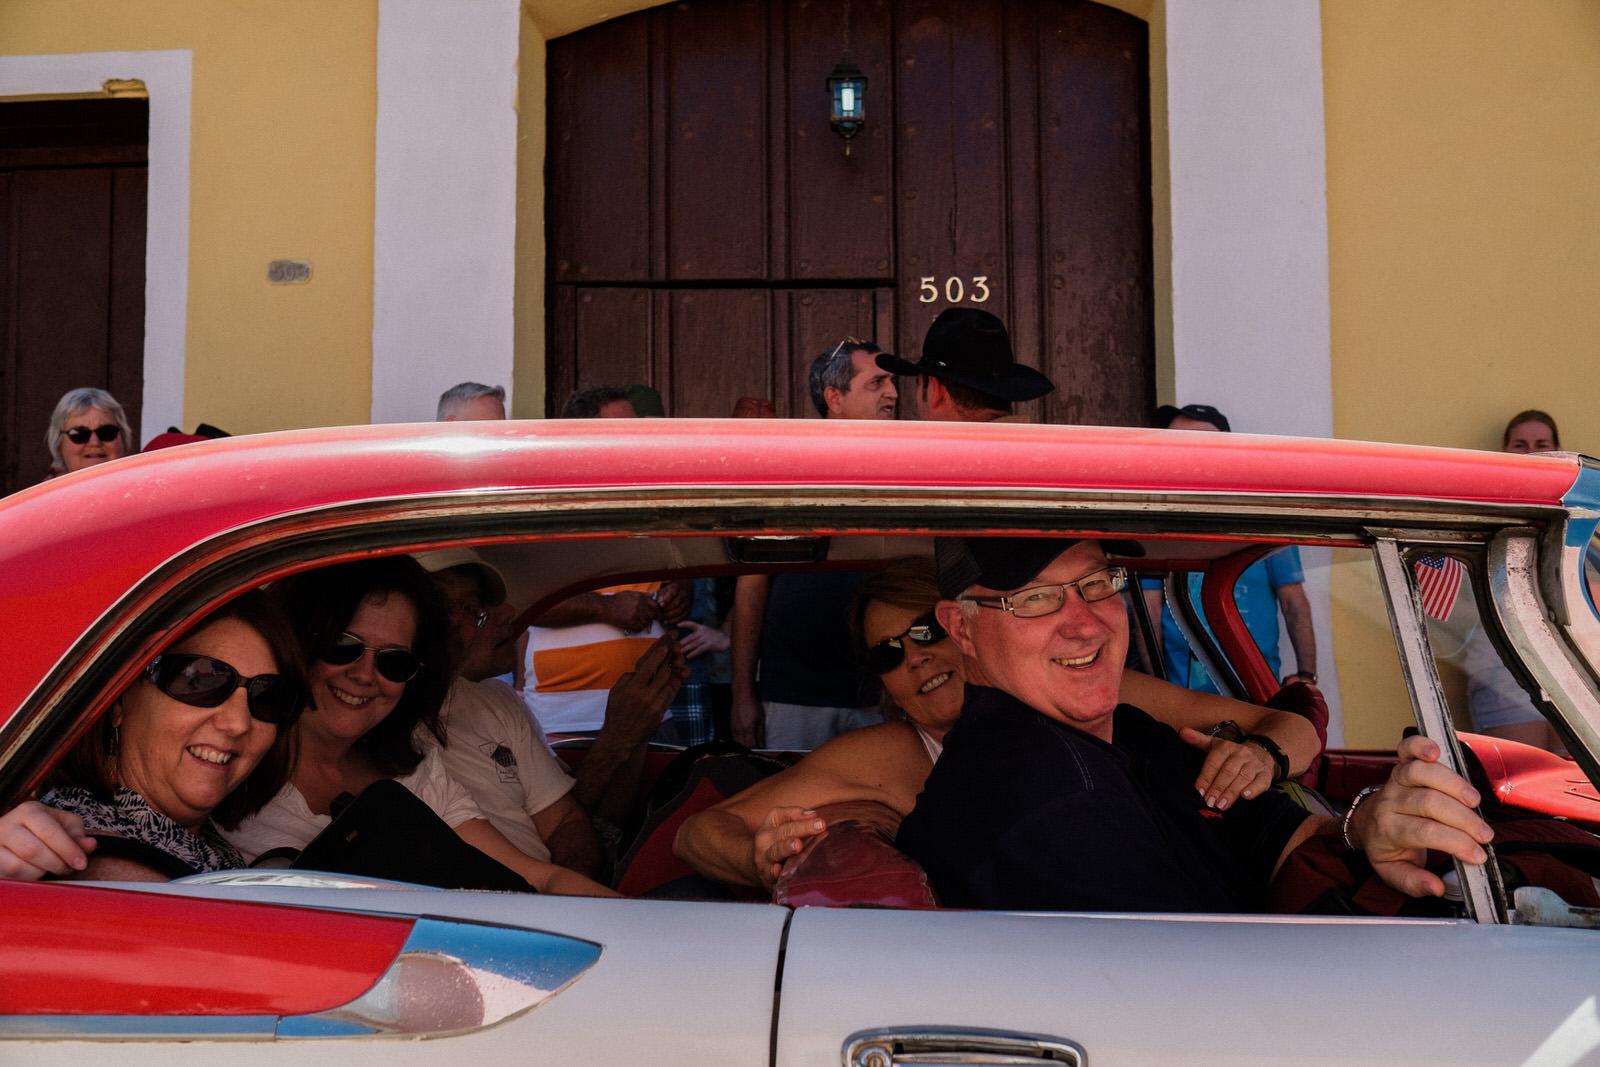 Trinidad_0530.jpg